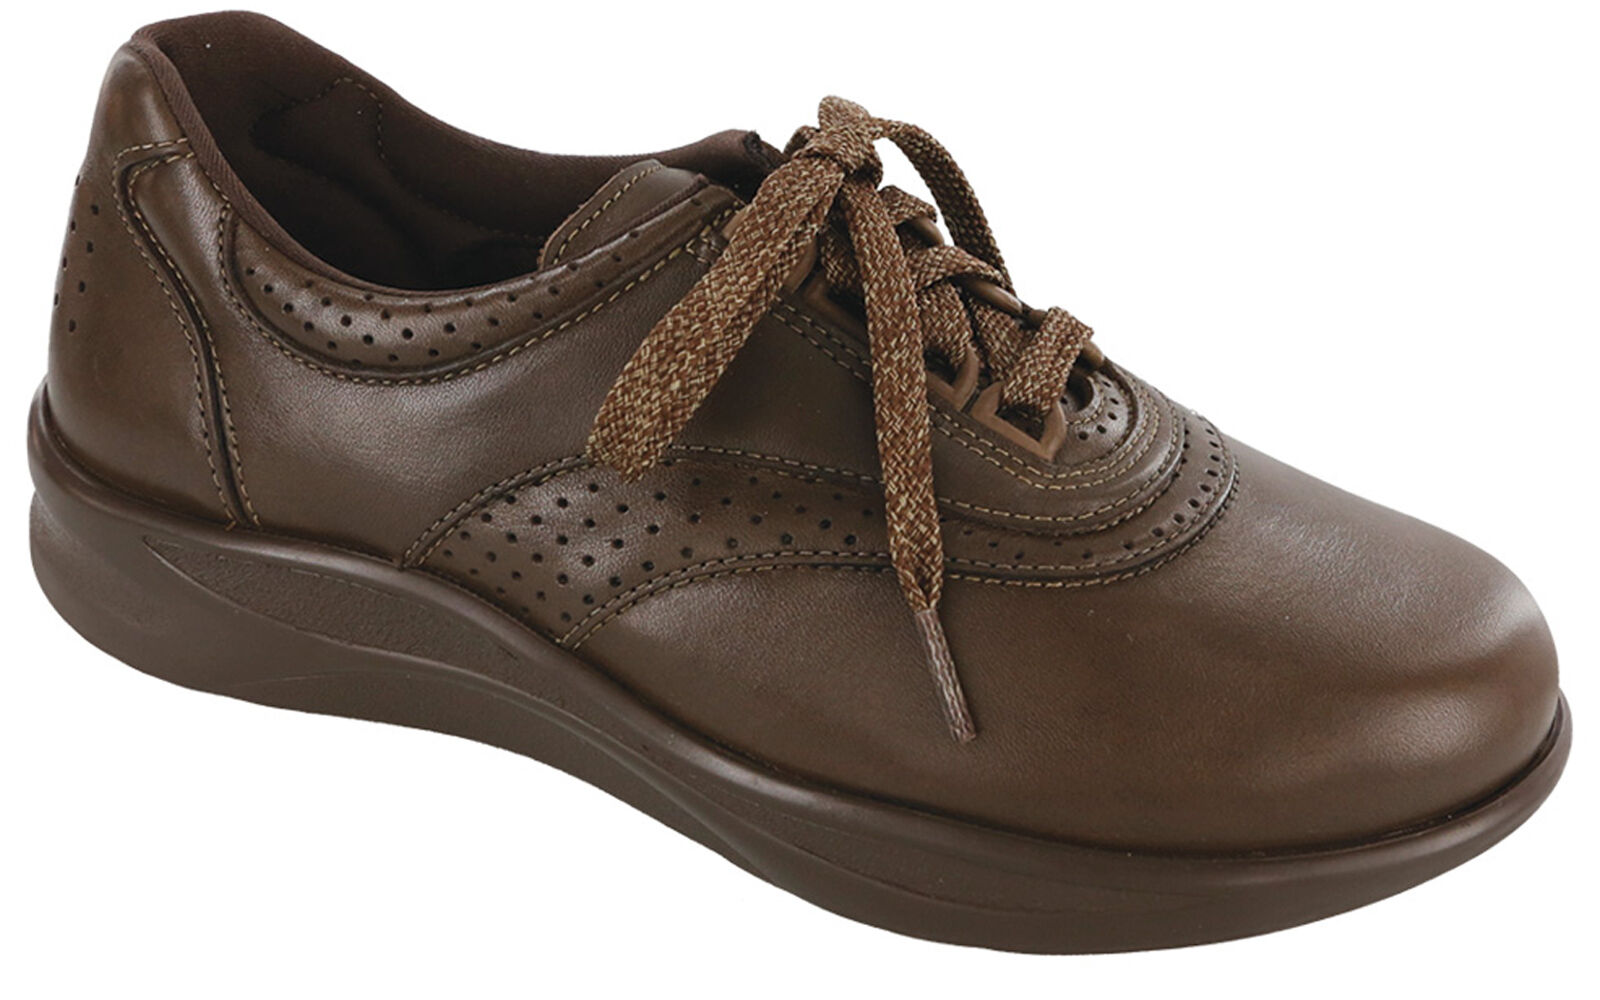 Walk Easy Walking Shoe   Outlet   SAS Shoes